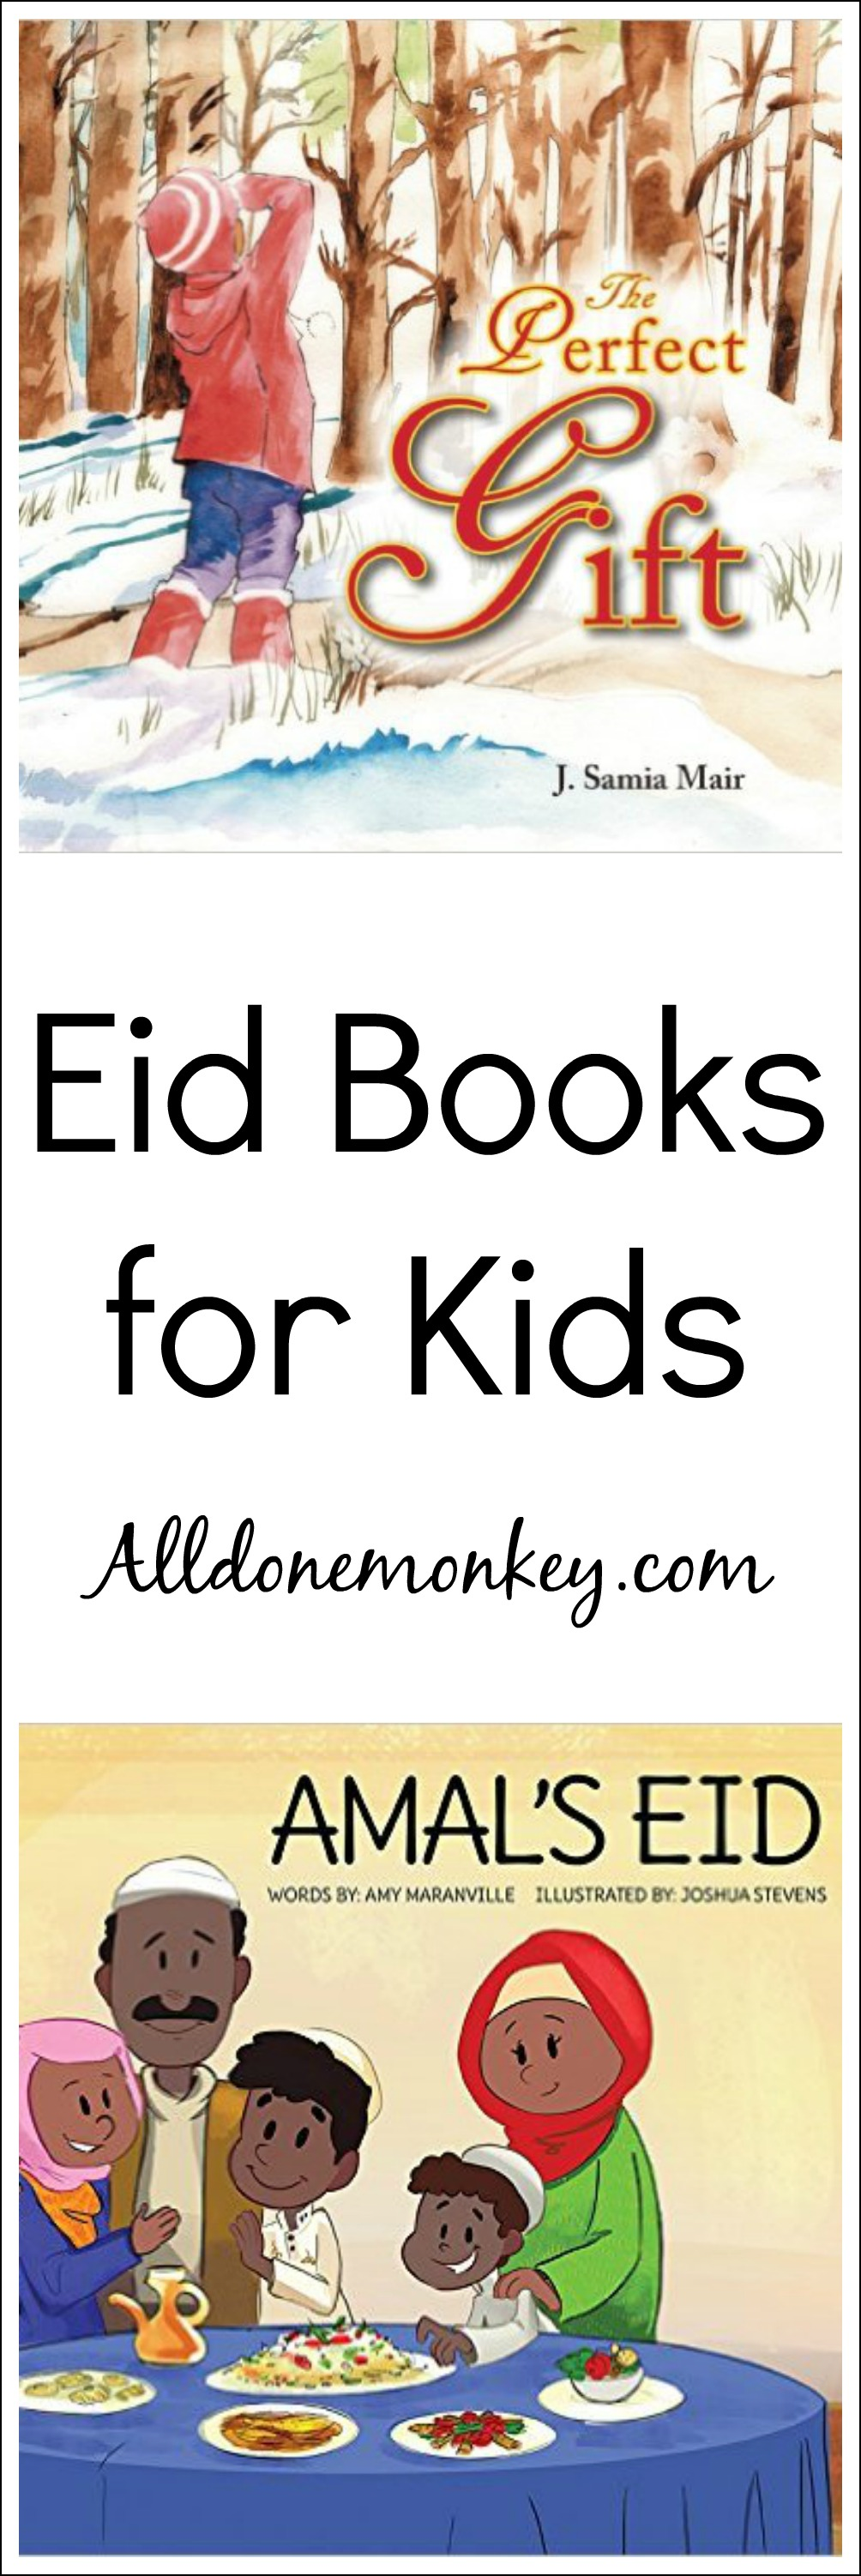 Eid Books for Kids | Alldonemonkey.com